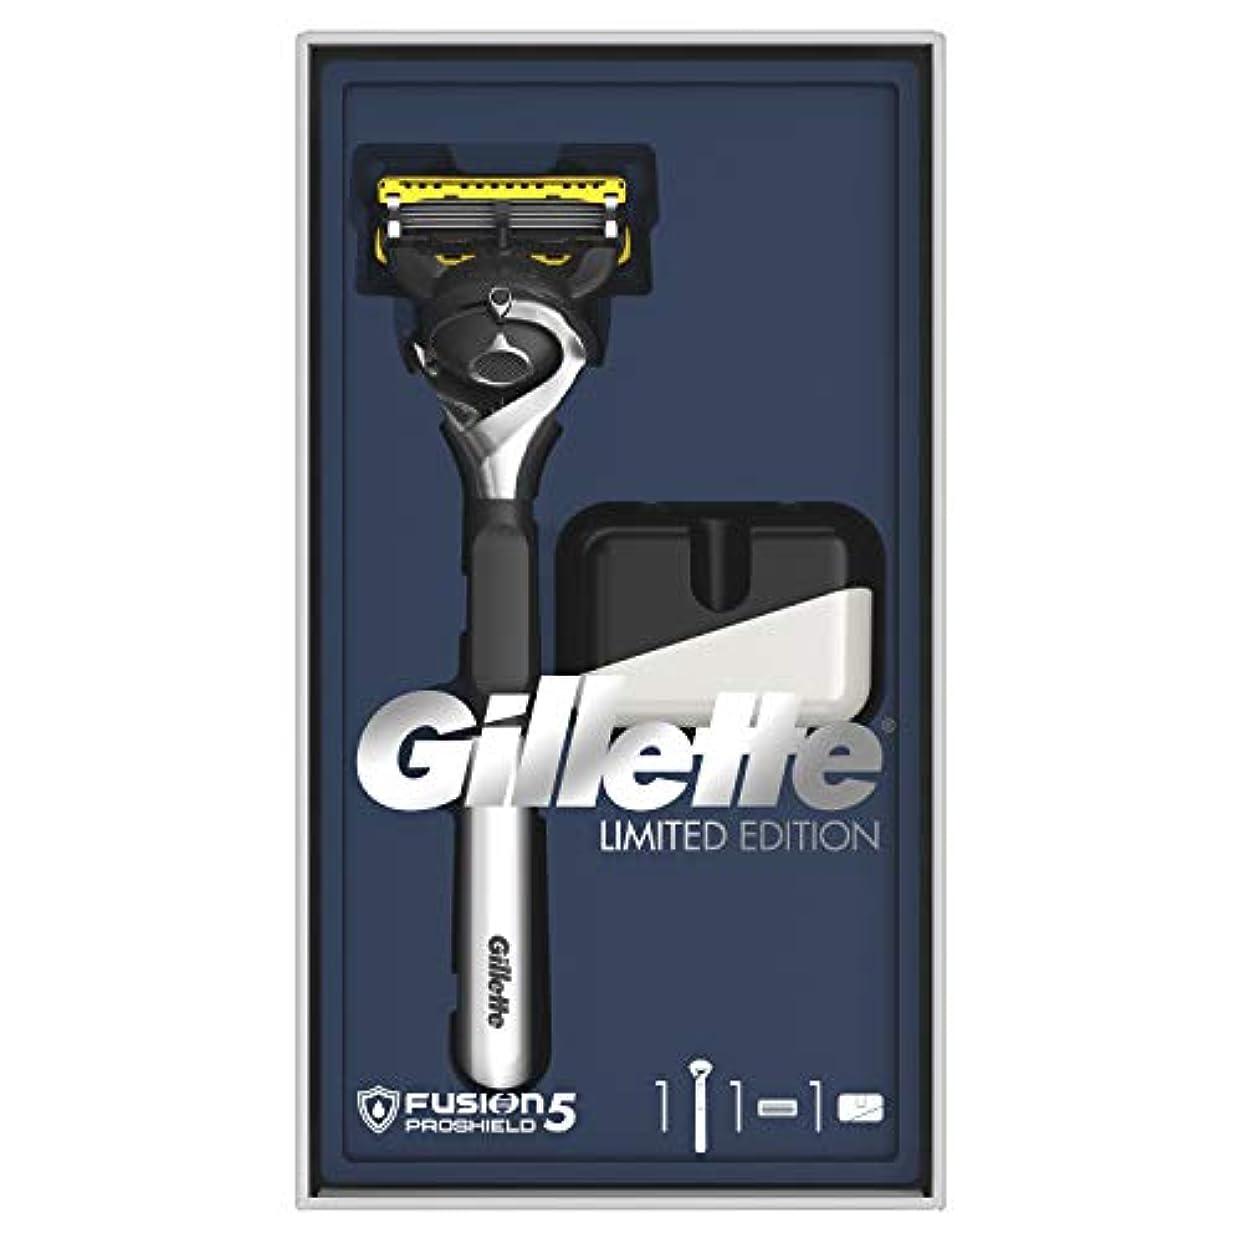 下に注釈実装するジレット プロシールド 髭剃り本体+替刃1個 オリジナルスタンド付 スペシャルパッケージ